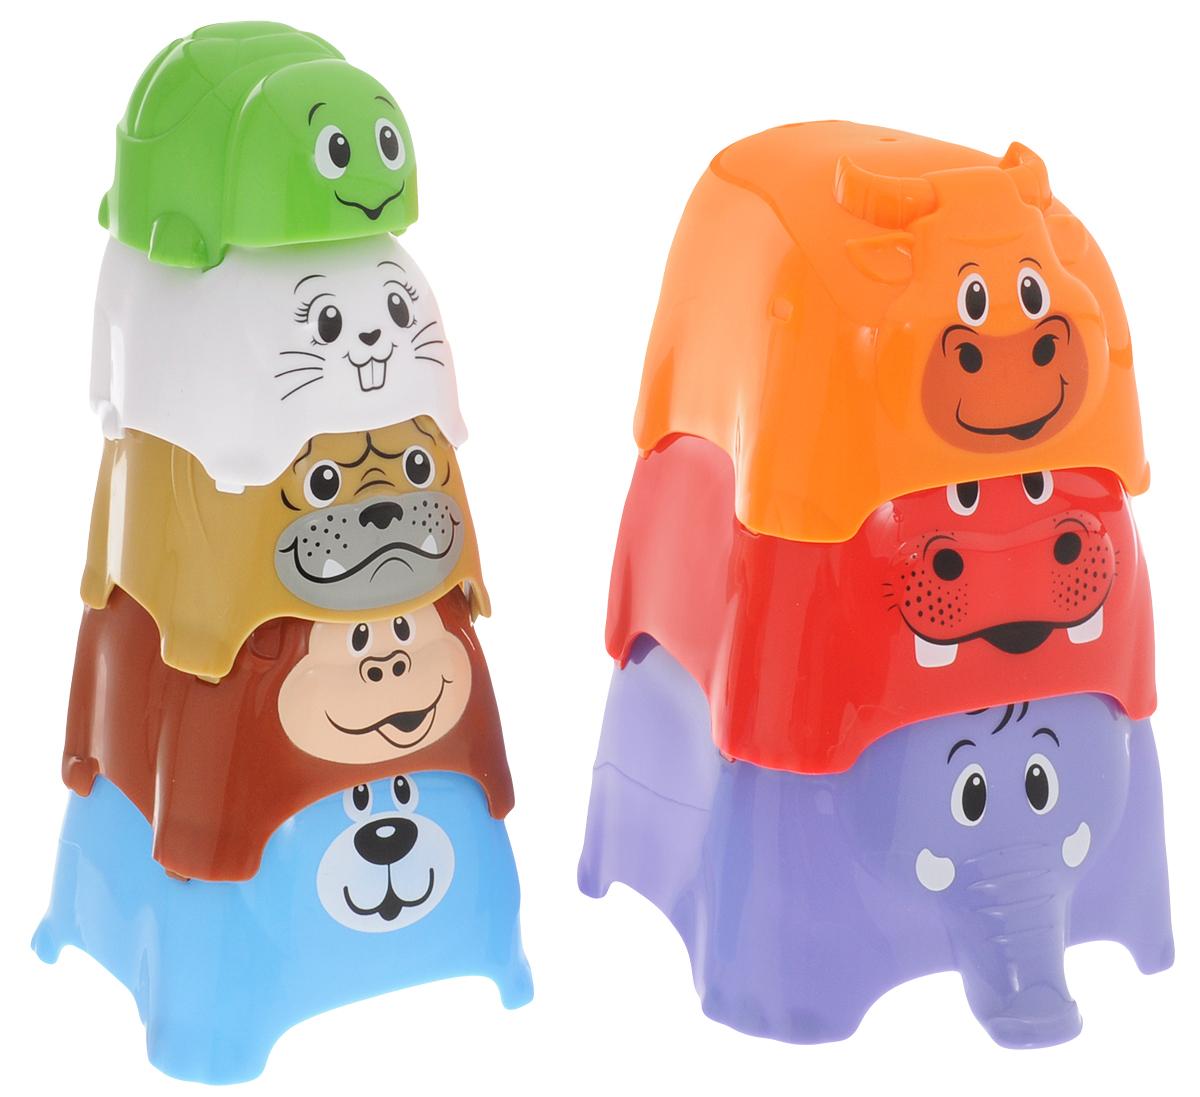 Playgo Пирамидка Животные 2375Play 2375Пирамидка Playgo Животные представляет собой 8 стаканчиков разного диаметра с изображениями животных, которые можно складывать один в другой или выстраивать из них высокую башню. Эта игрушка будет способствовать развитию зрительного восприятия, смекалки, усердия, тактильных ощущений. Ваш малыш, играя в пирамидку, будет изучать цвета и сравнивать размеры стаканчиков.